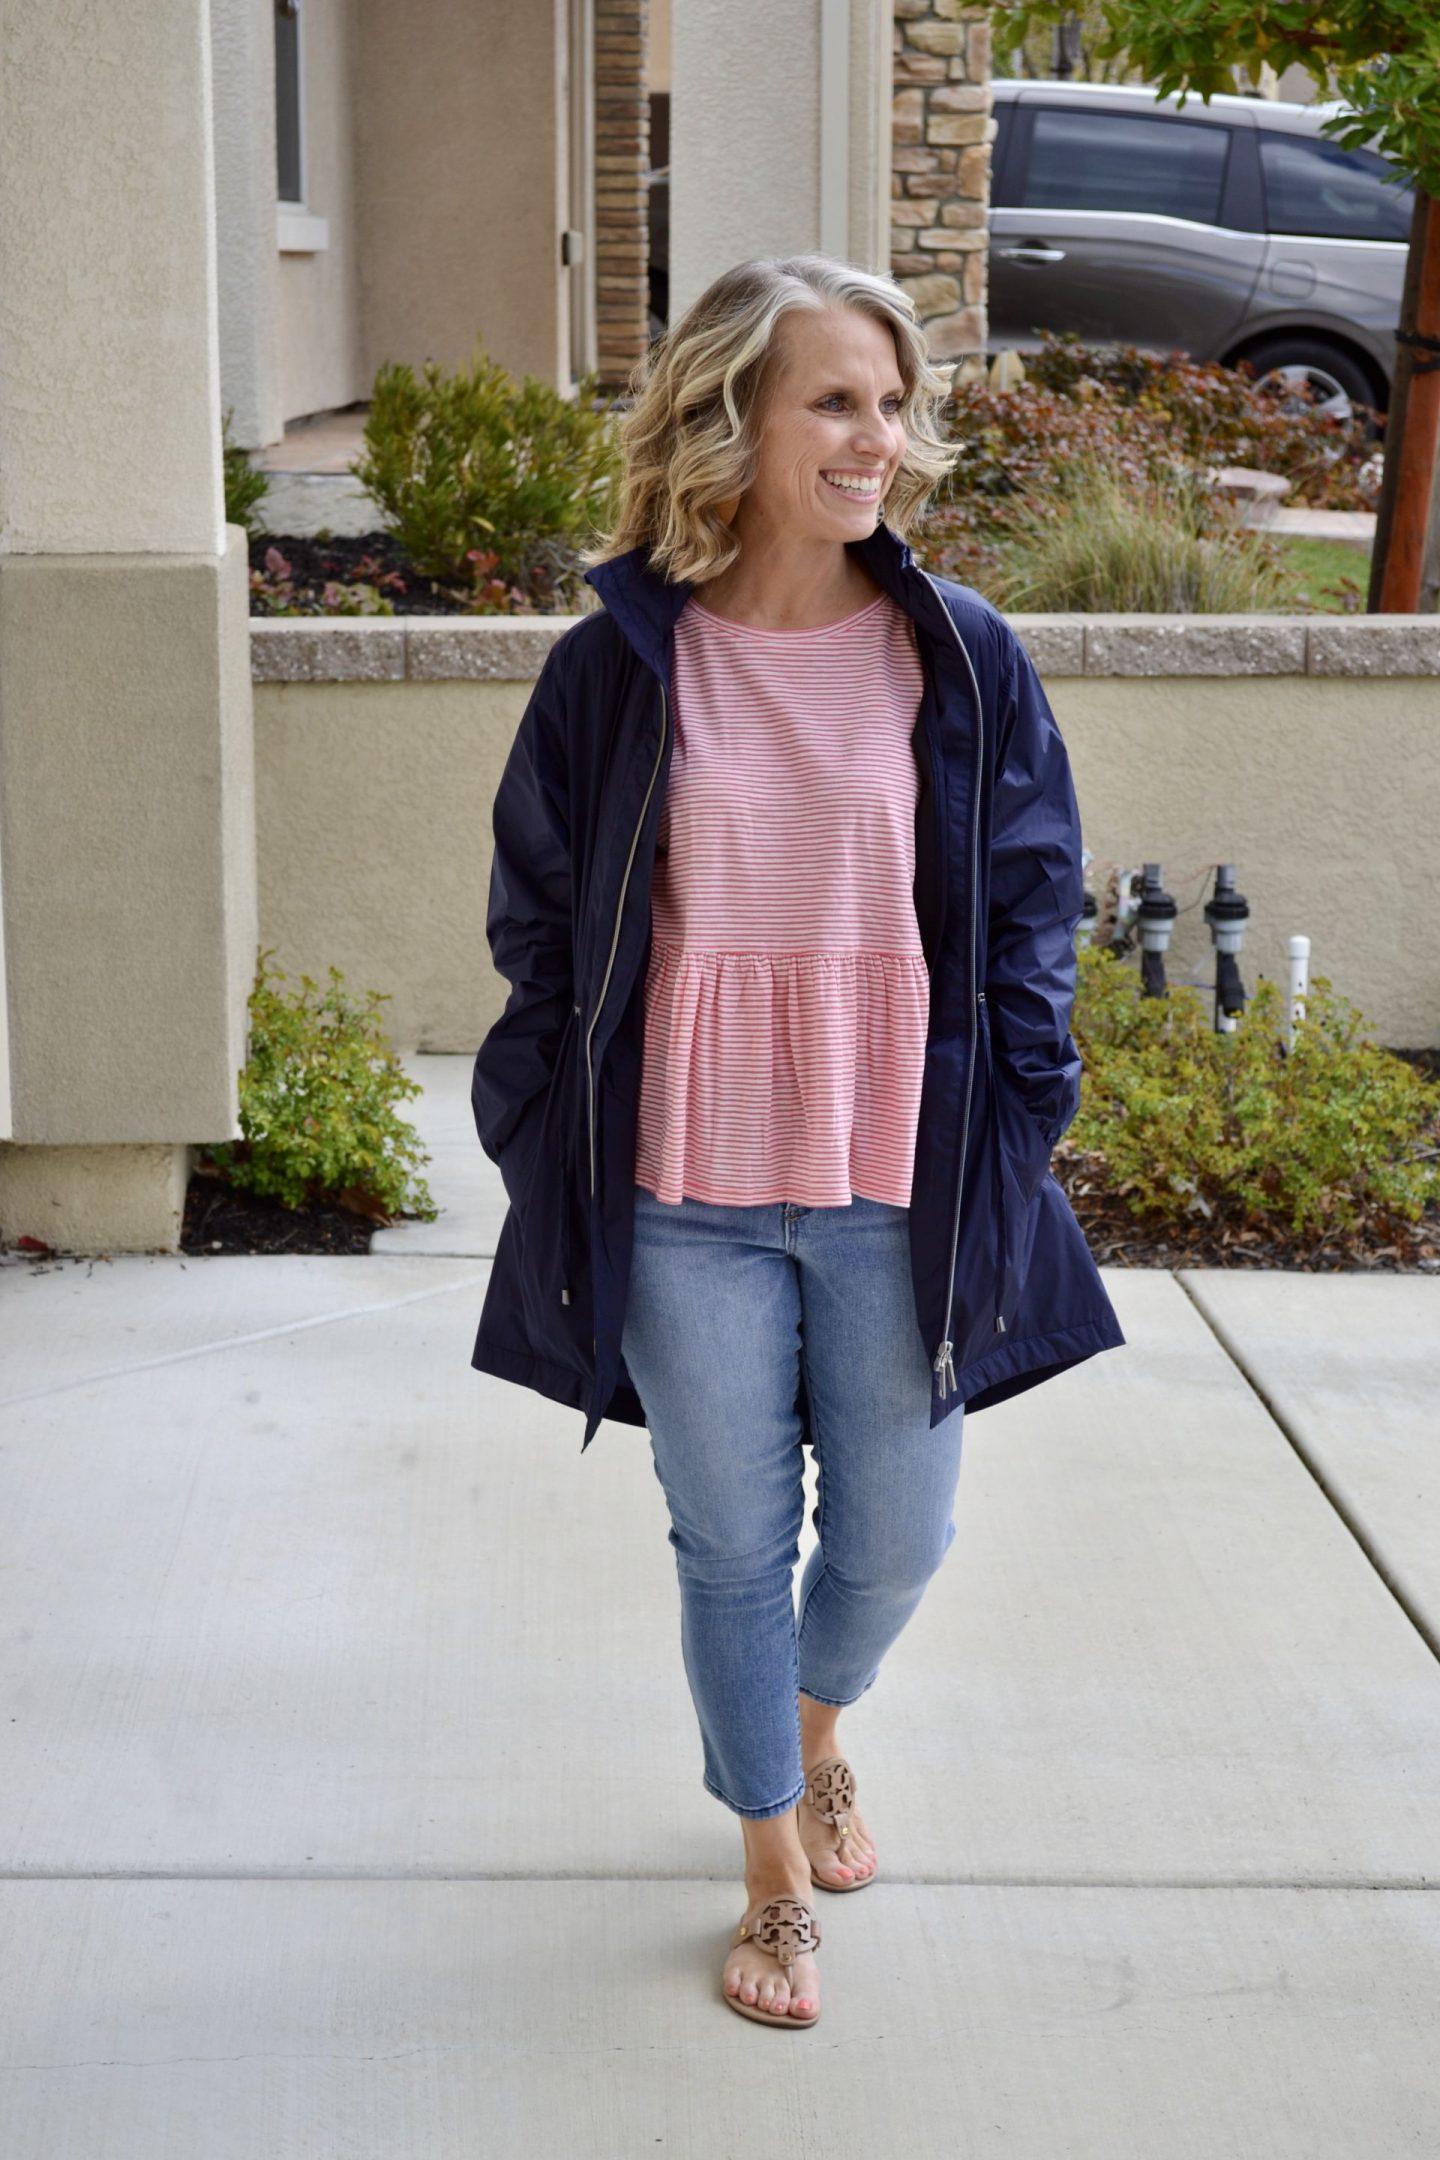 Peach Anorak jacket